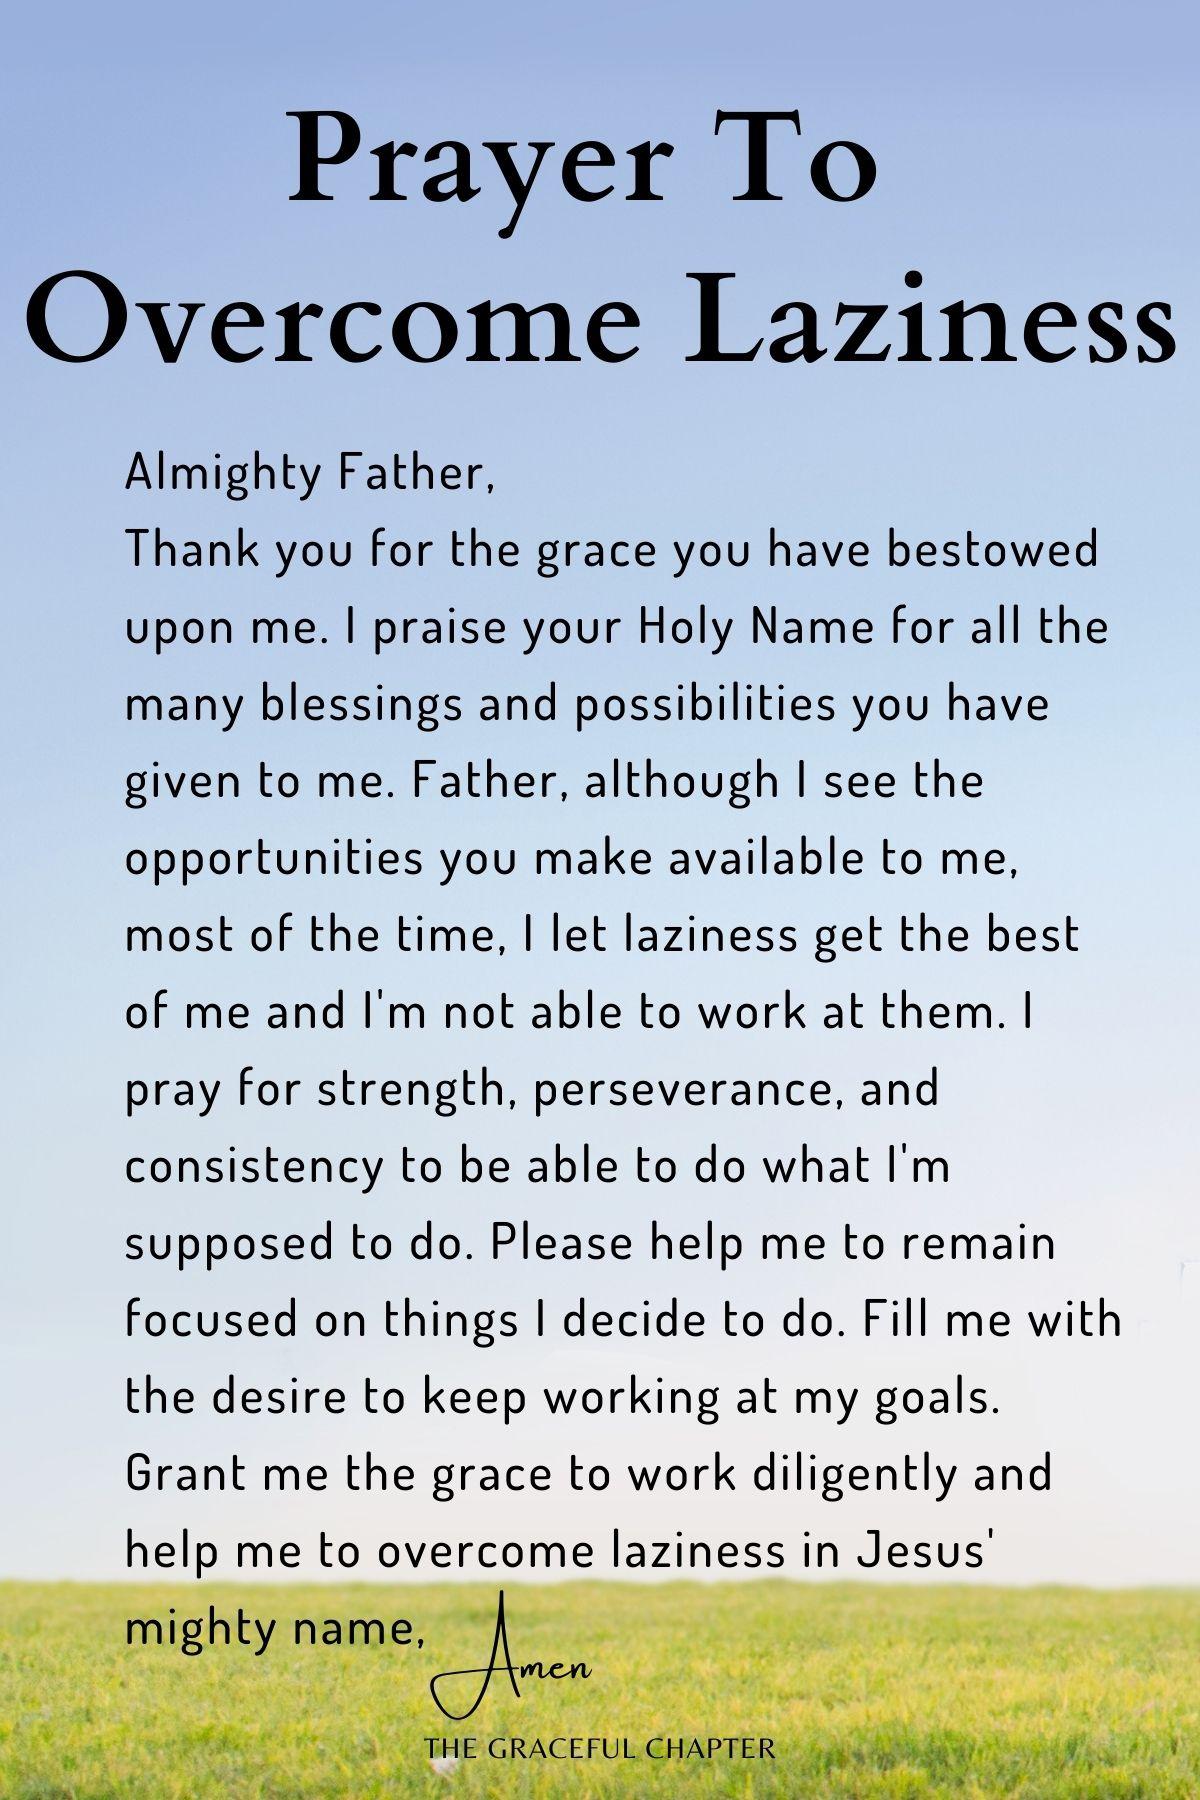 Prayer to overcome laziness